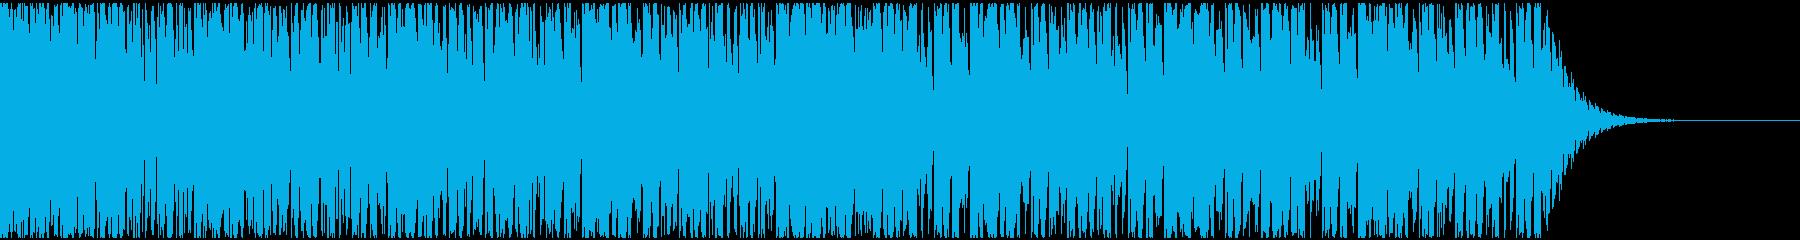 【EDM】ロング7、ミディアム2の再生済みの波形